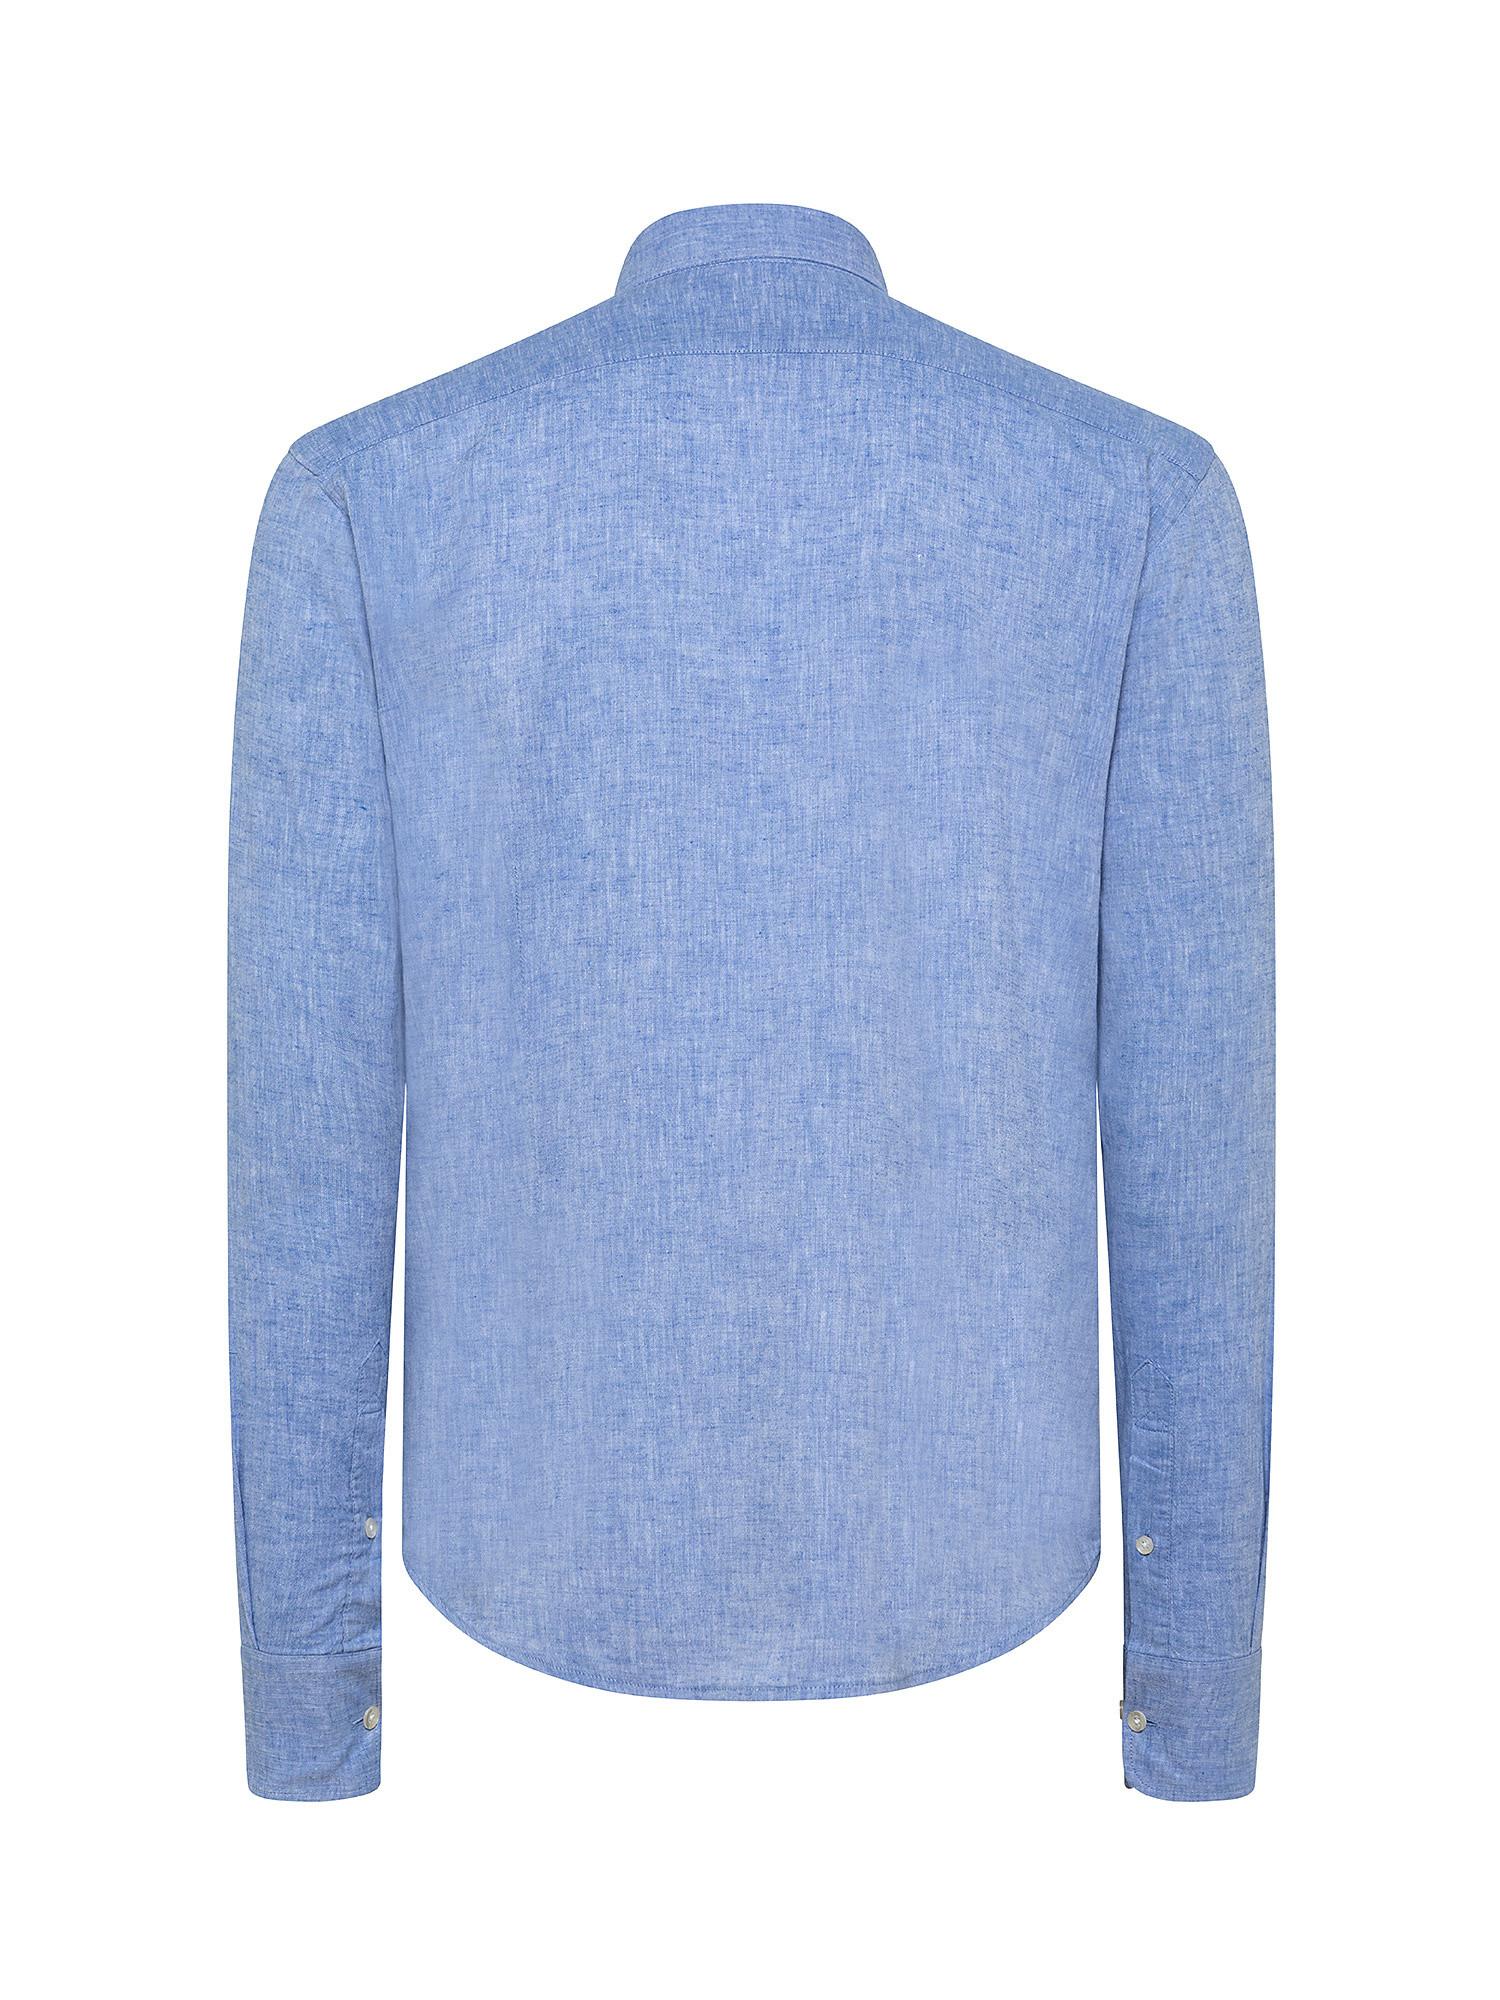 Camicia da uomo in cotone misto lino regular fit, Azzurro, large image number 1